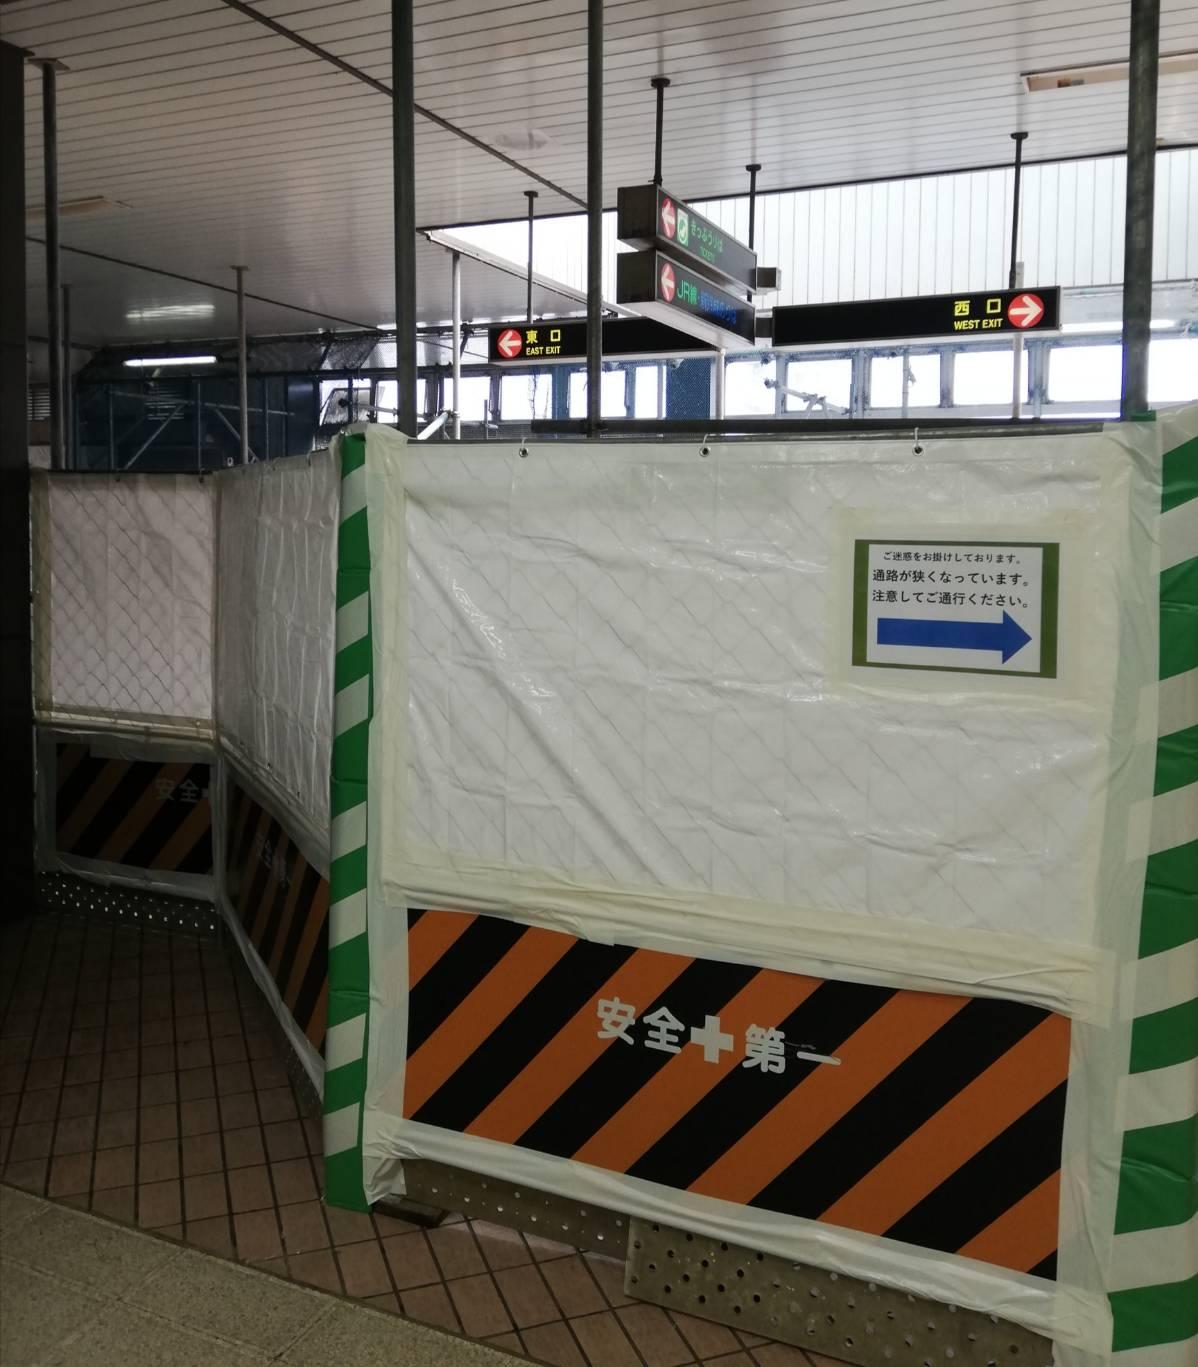 松戸駅新駅ビル東西連絡通路工事